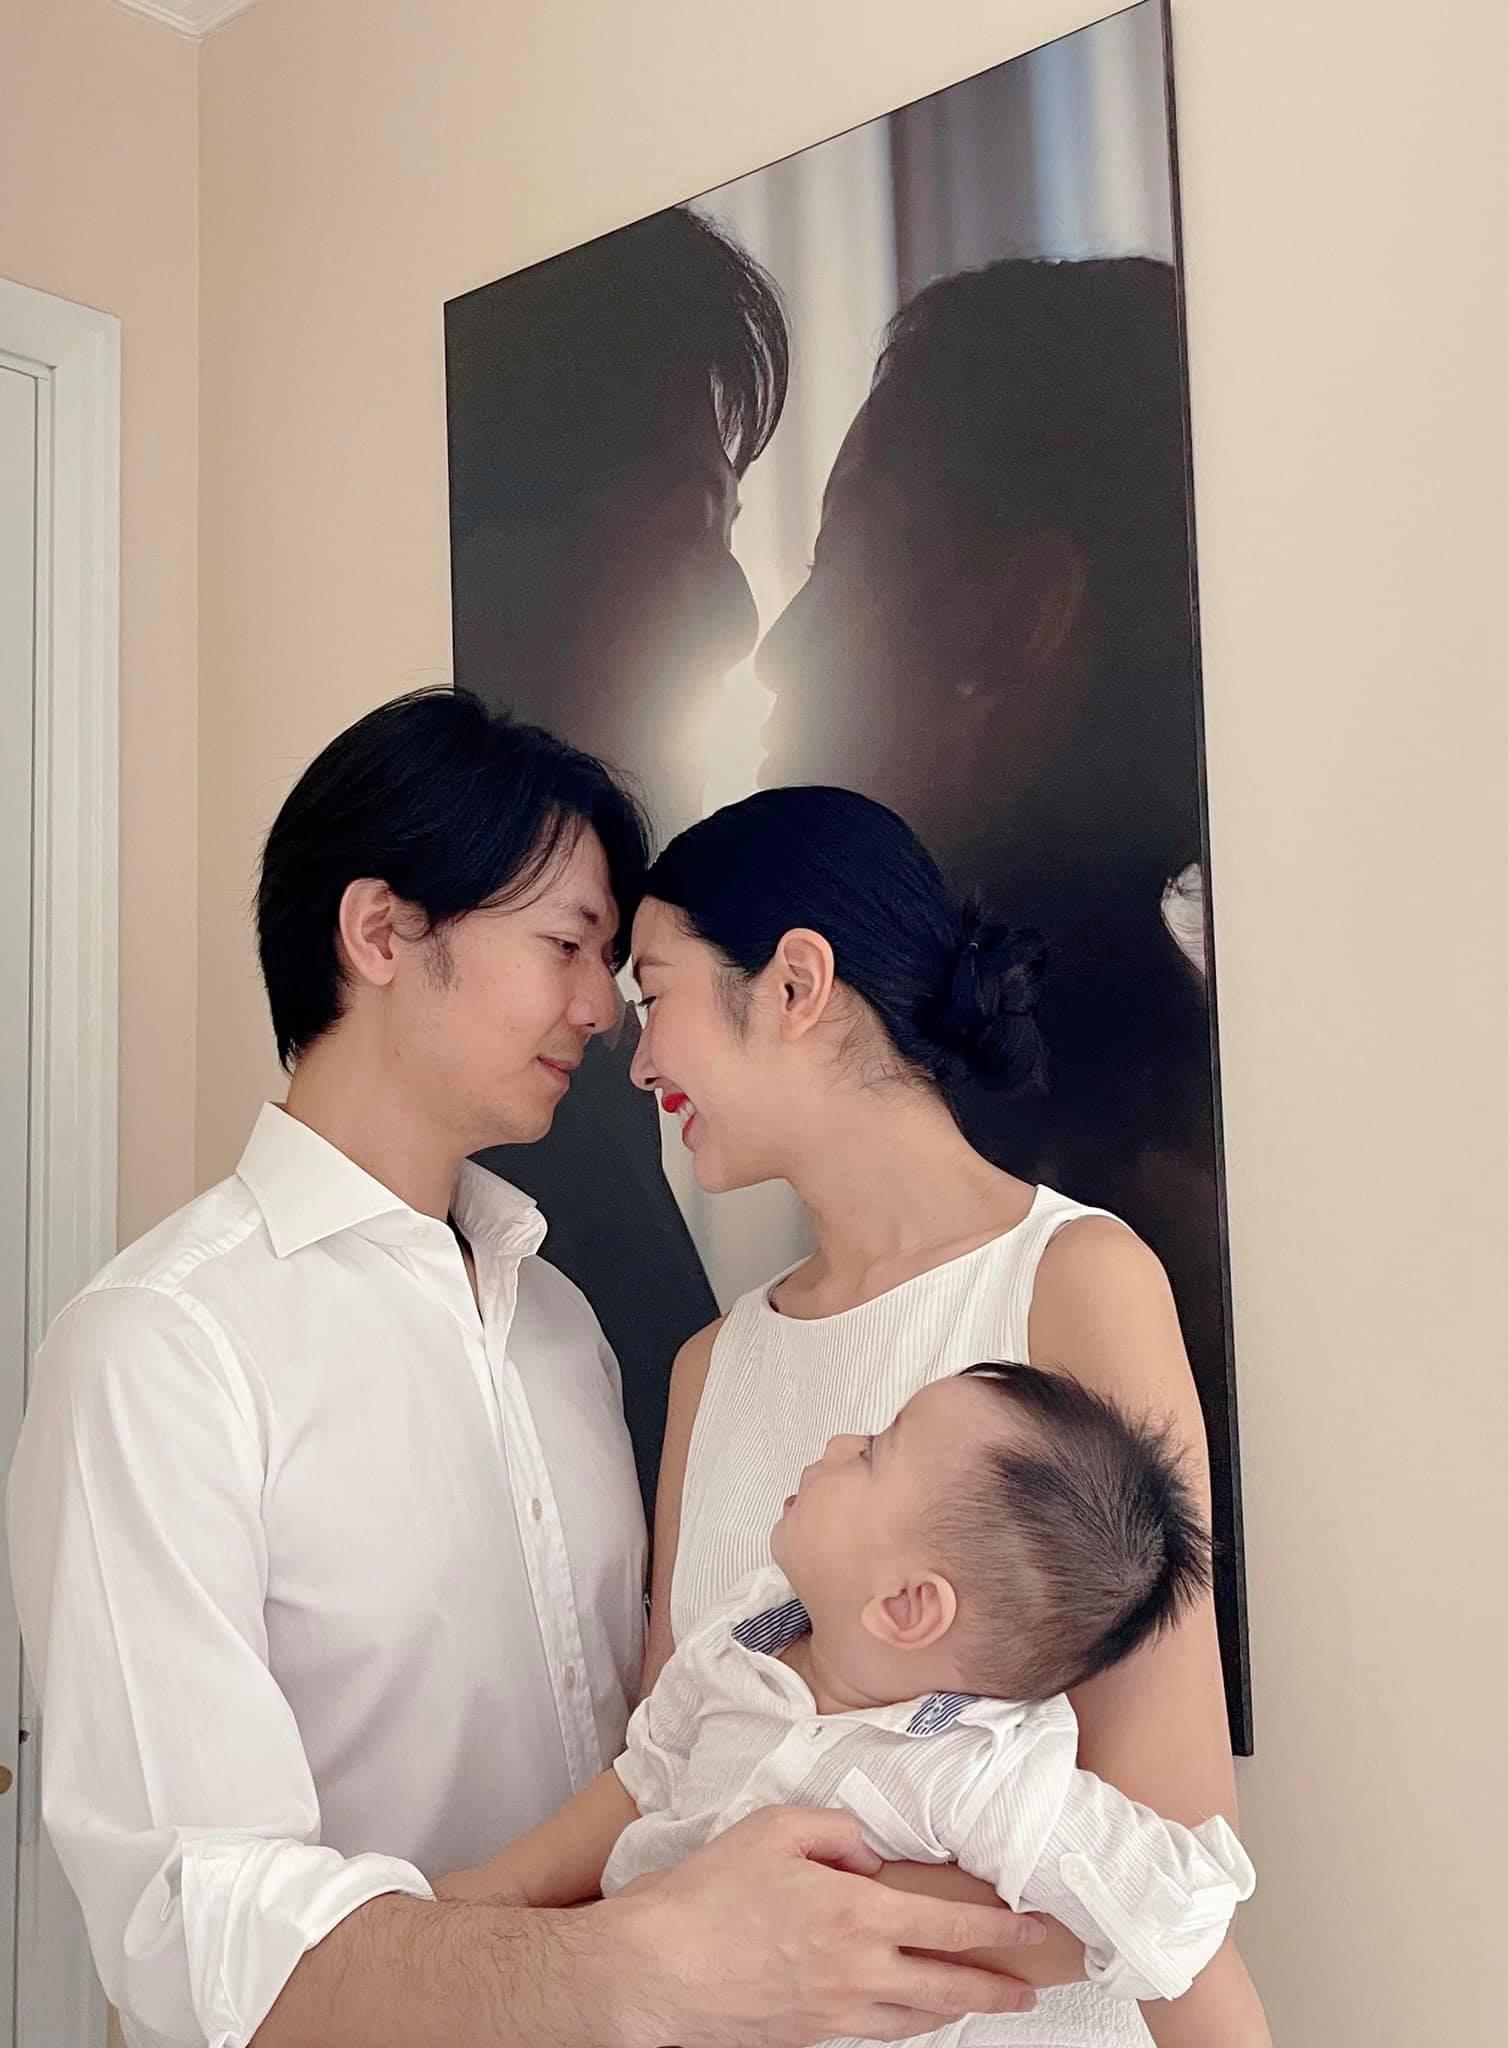 Á hậu Thuý Vân tiết lộ 5 điều thay đổi sau đúng 1 năm kết hôn, nghe qua là biết chồng doanh nhân tâm lý cỡ nào! - Ảnh 4.